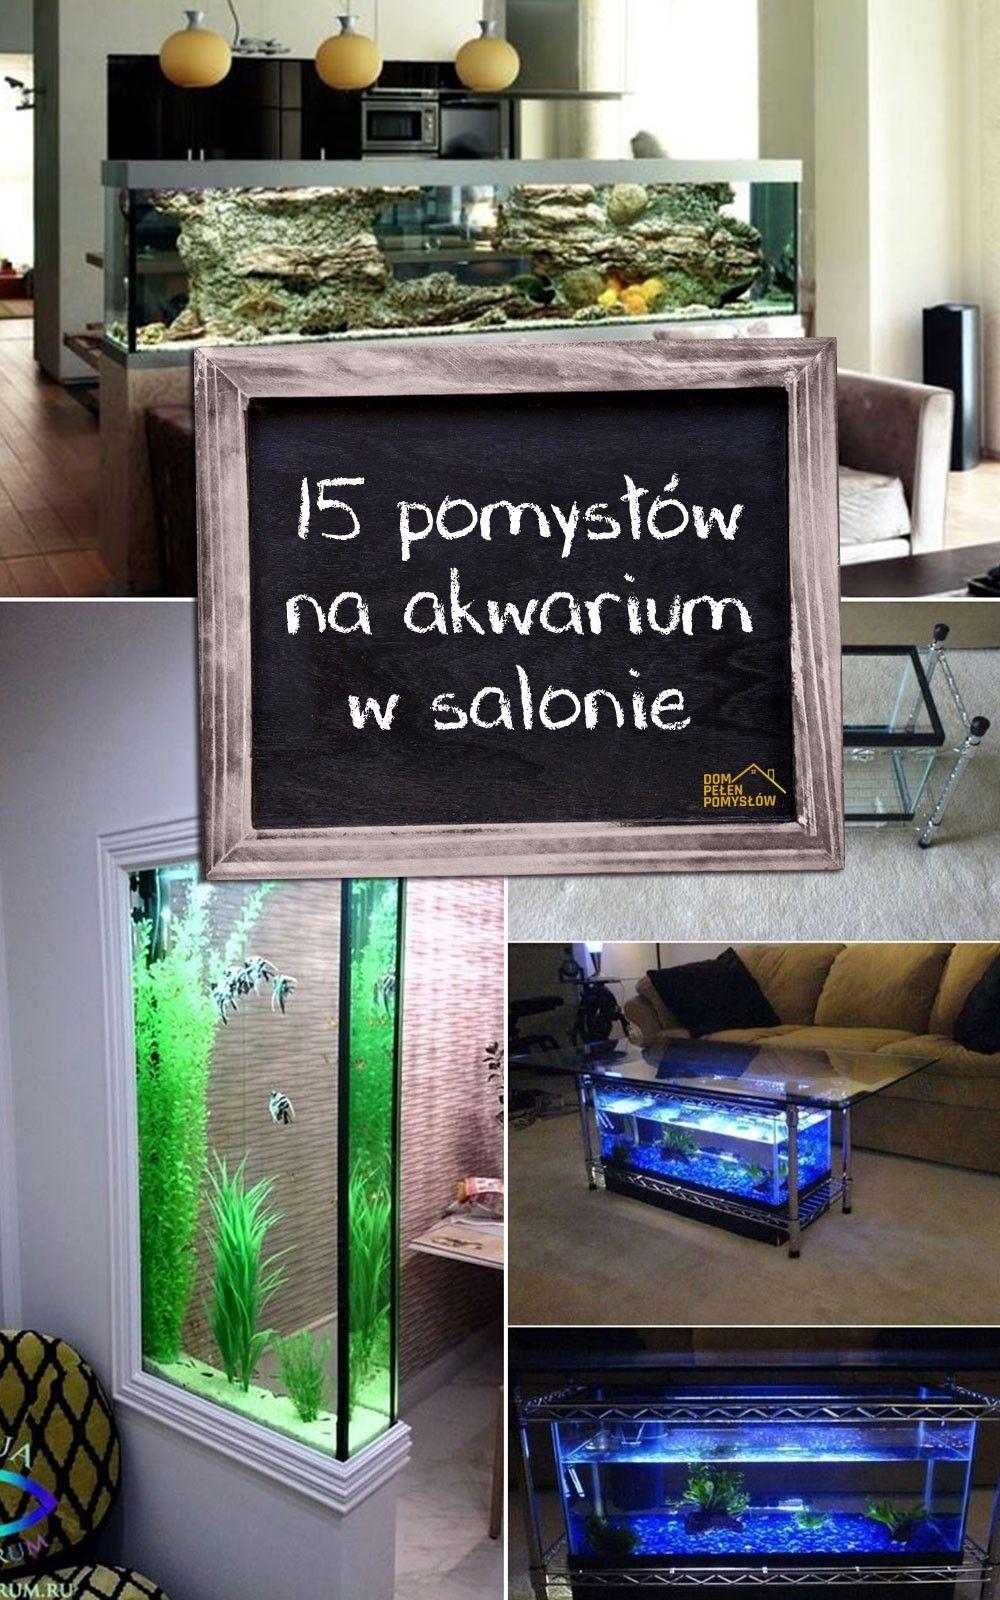 pomysłów na akwarium w salonie u zainspiruj siĘ terrarium